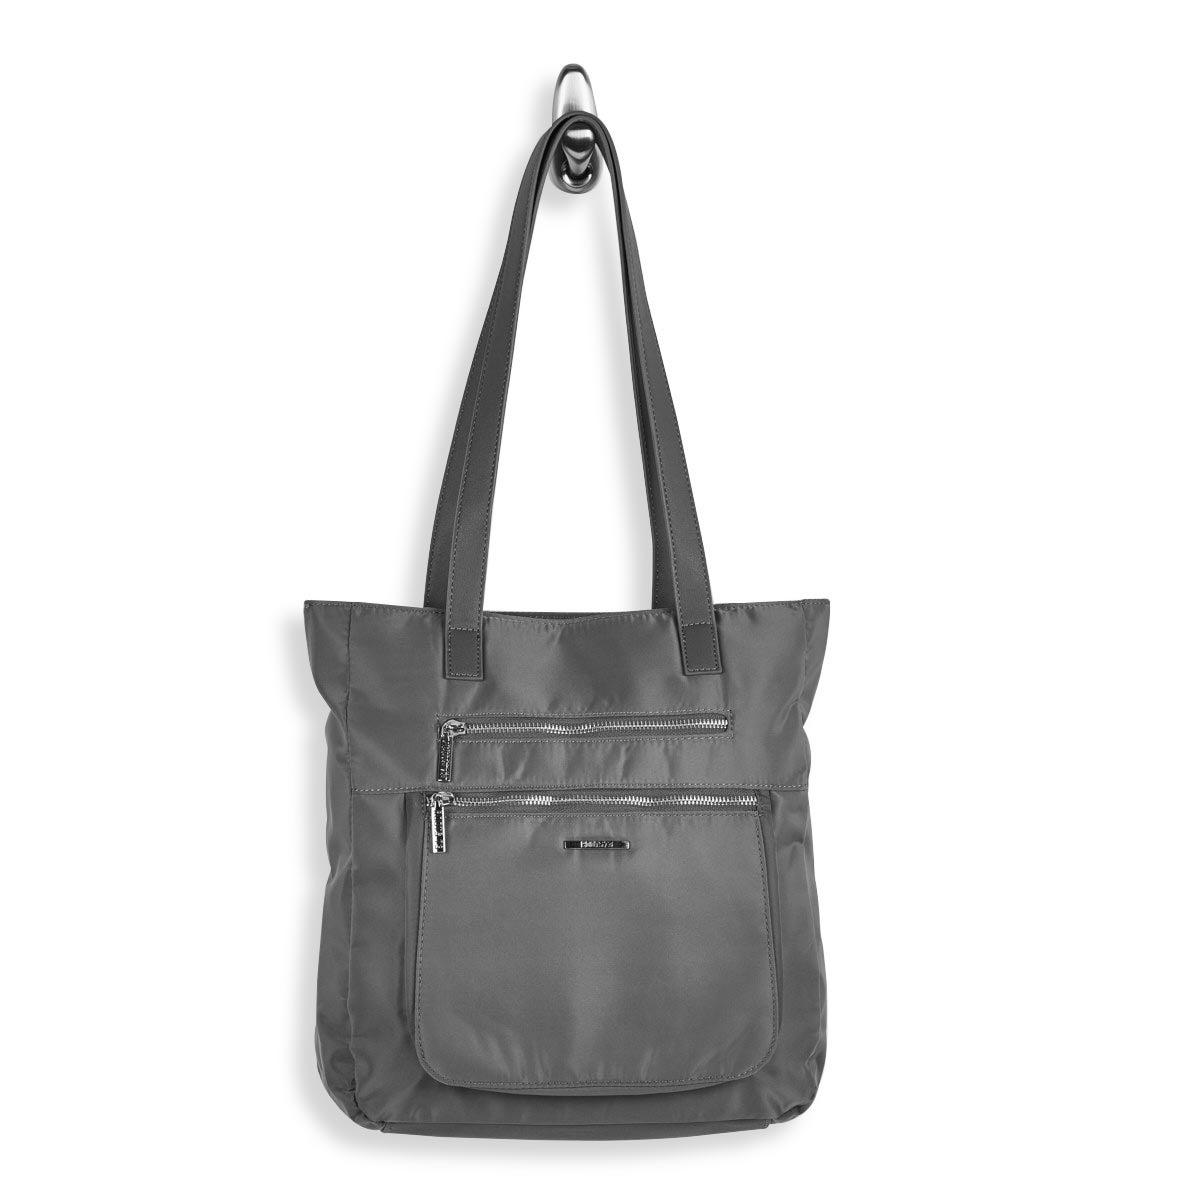 Lds Roots73 grey zip closure satchel